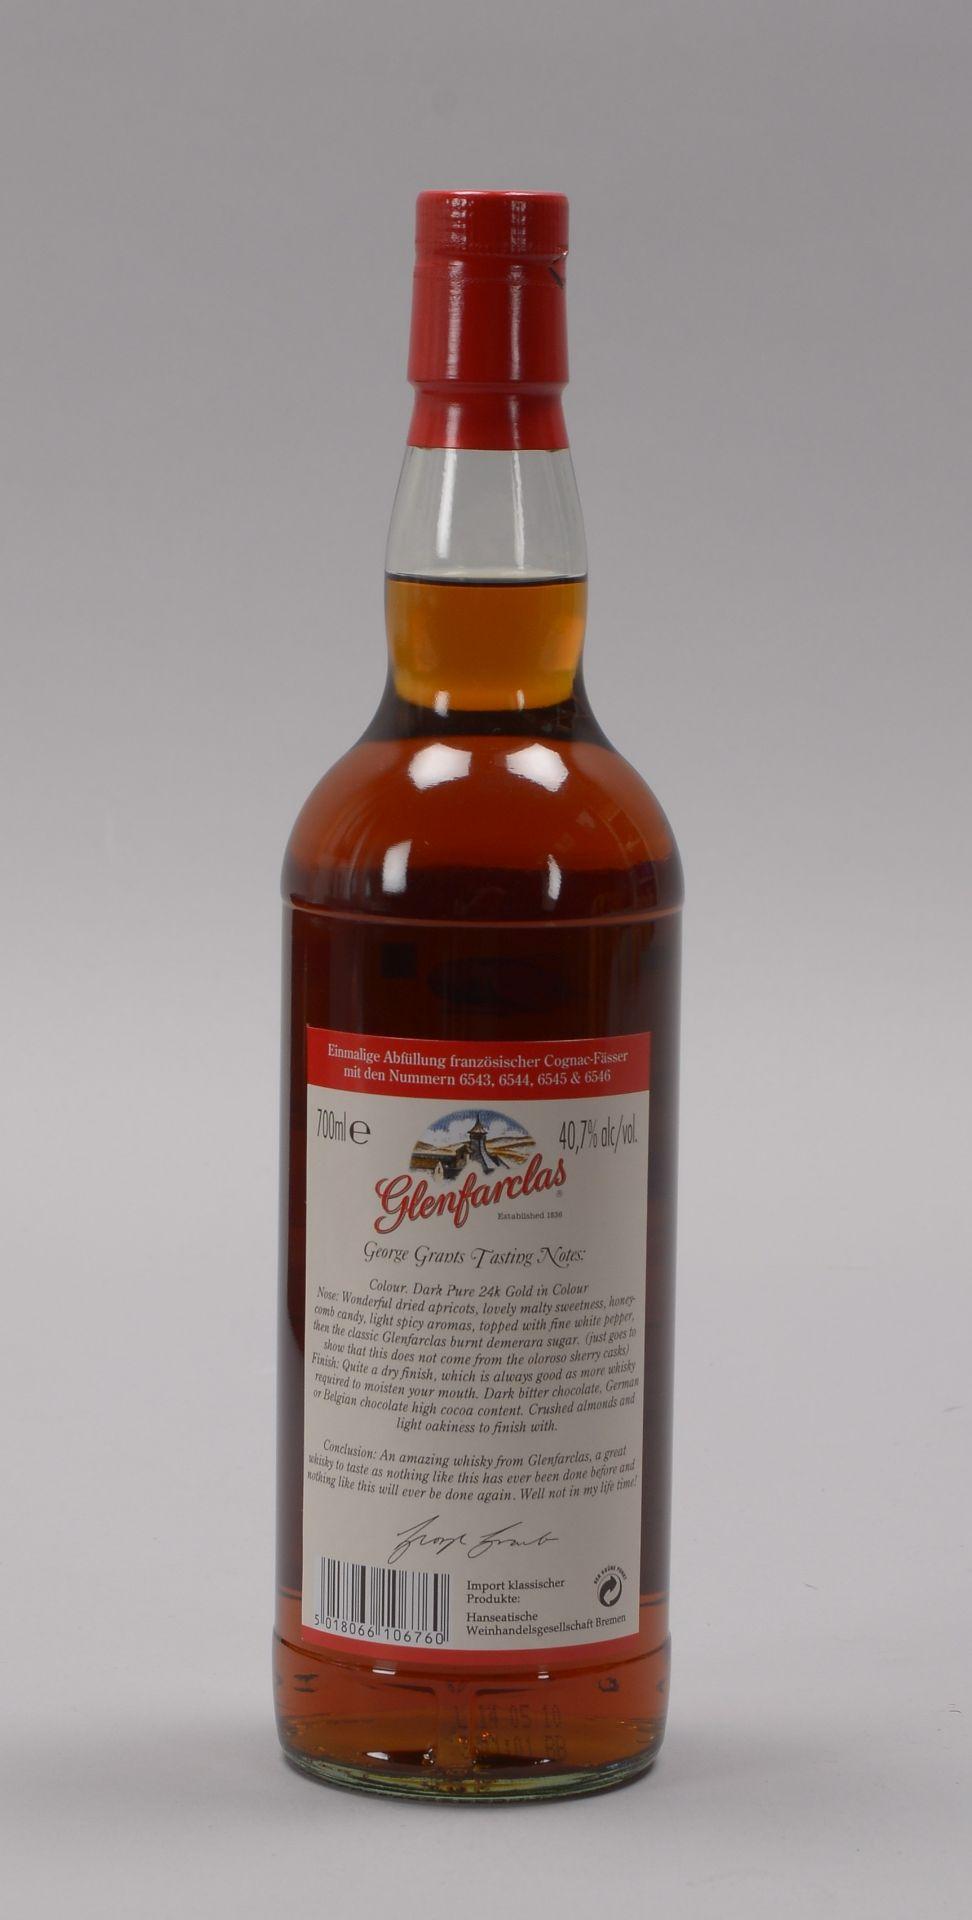 Sammlerwhisky: 'Glenfarclas Single Highland Malt Scotch Whisky', 'Distilled 17.11.196 - Image 2 of 4